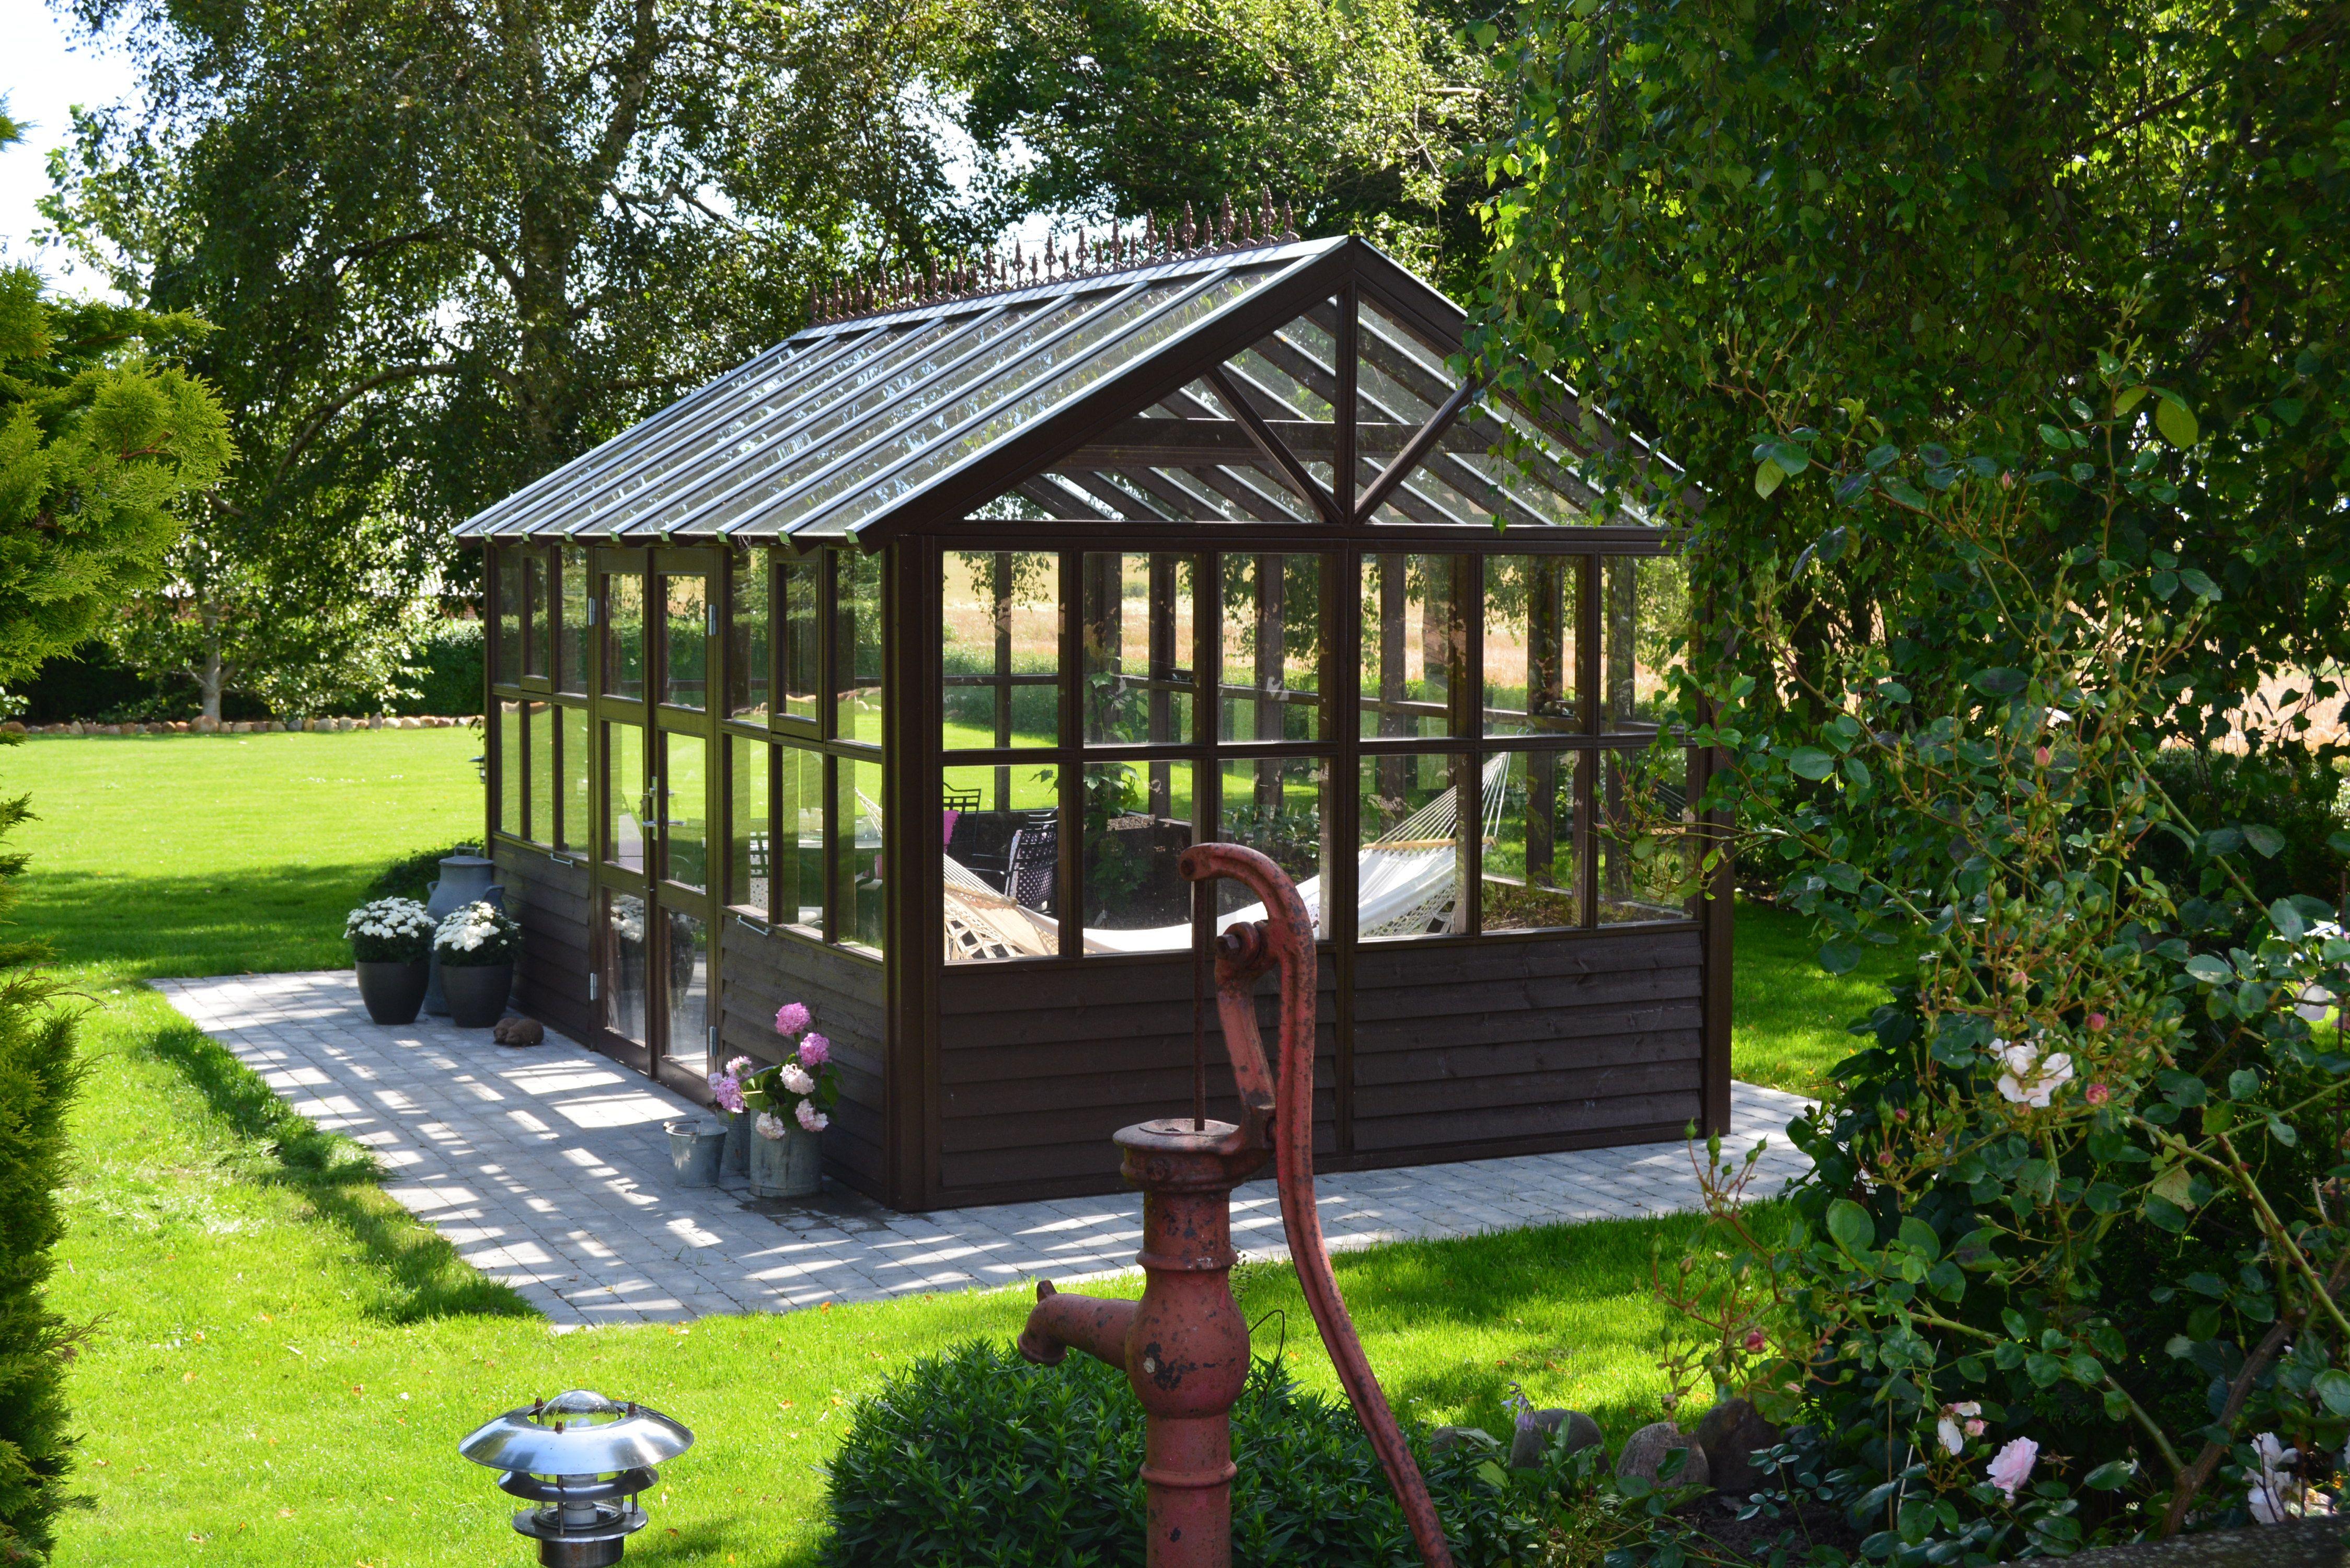 Usædvanlig Orangeri i træ | Flotte drivhuse og orangerier til planter | Køb JR12